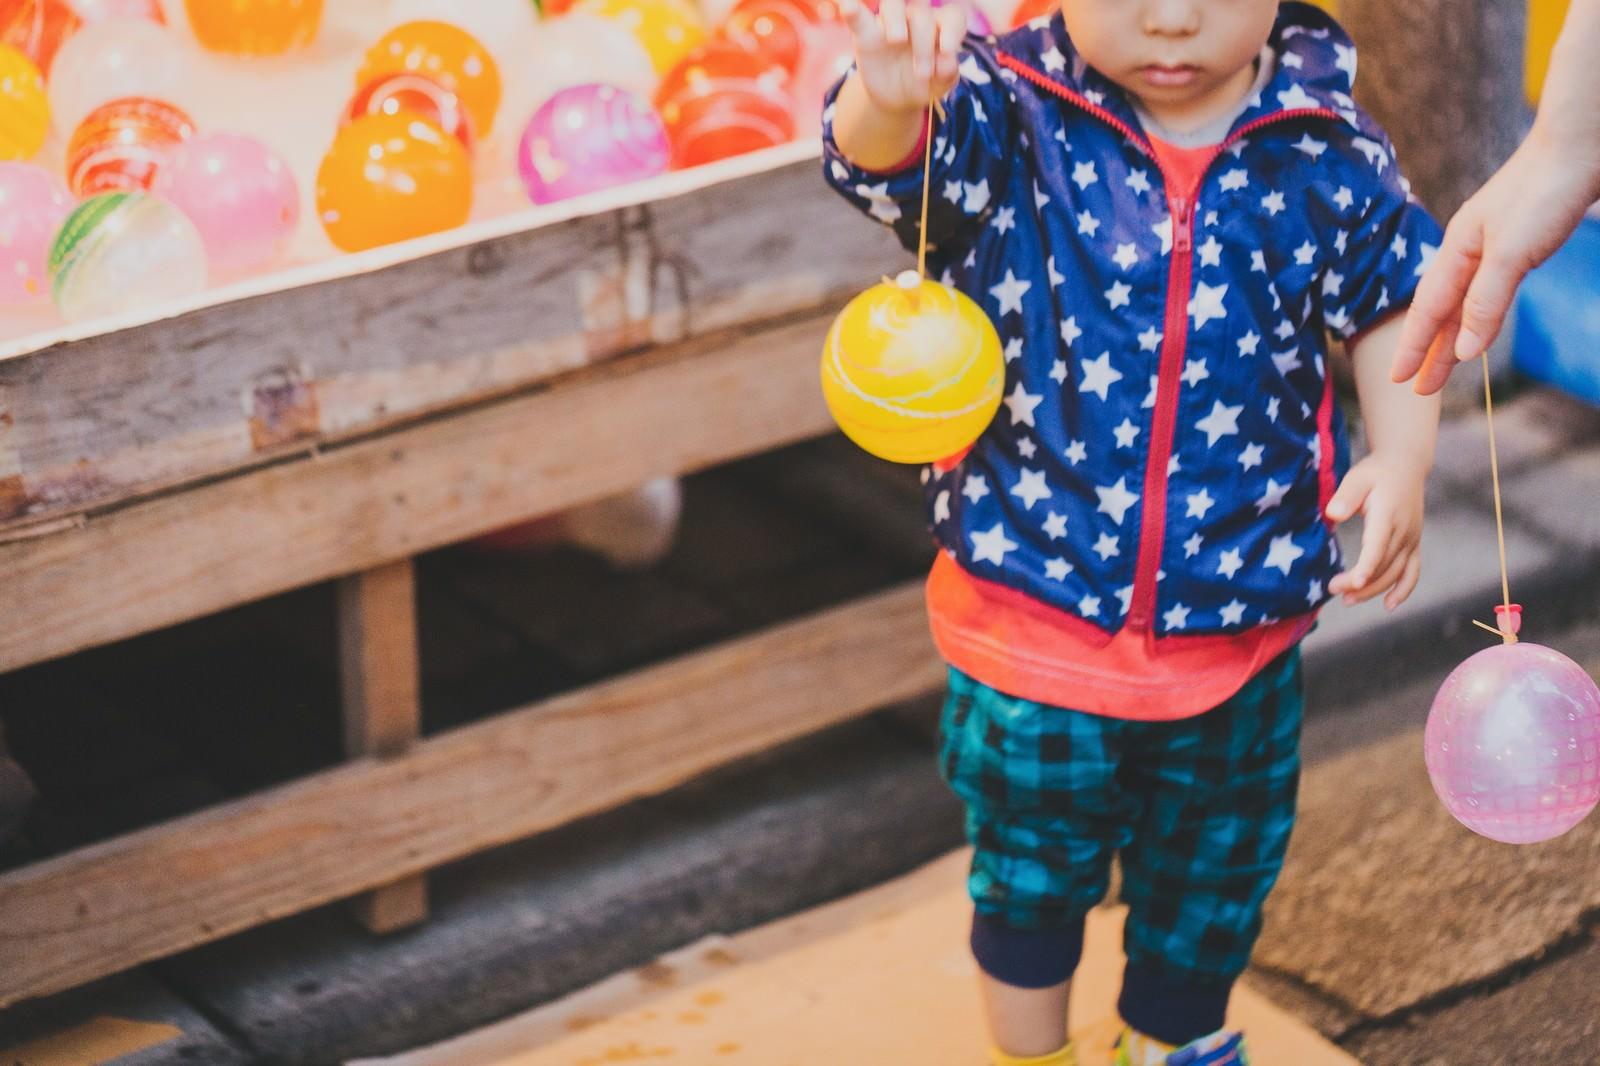 「水風船と子供水風船と子供」のフリー写真素材を拡大